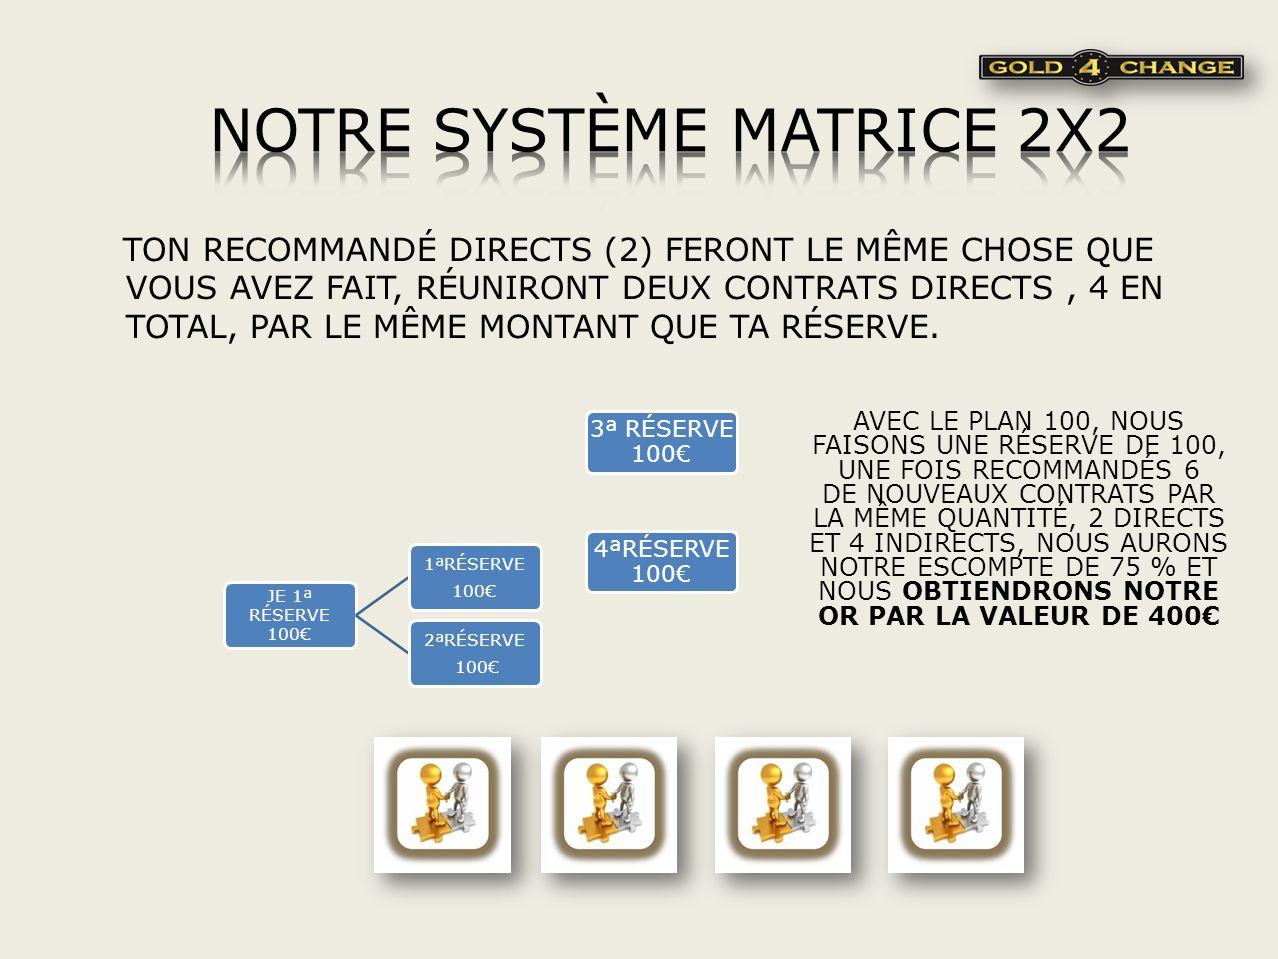 NOTRE SYSTÈME MATRICE 2X2